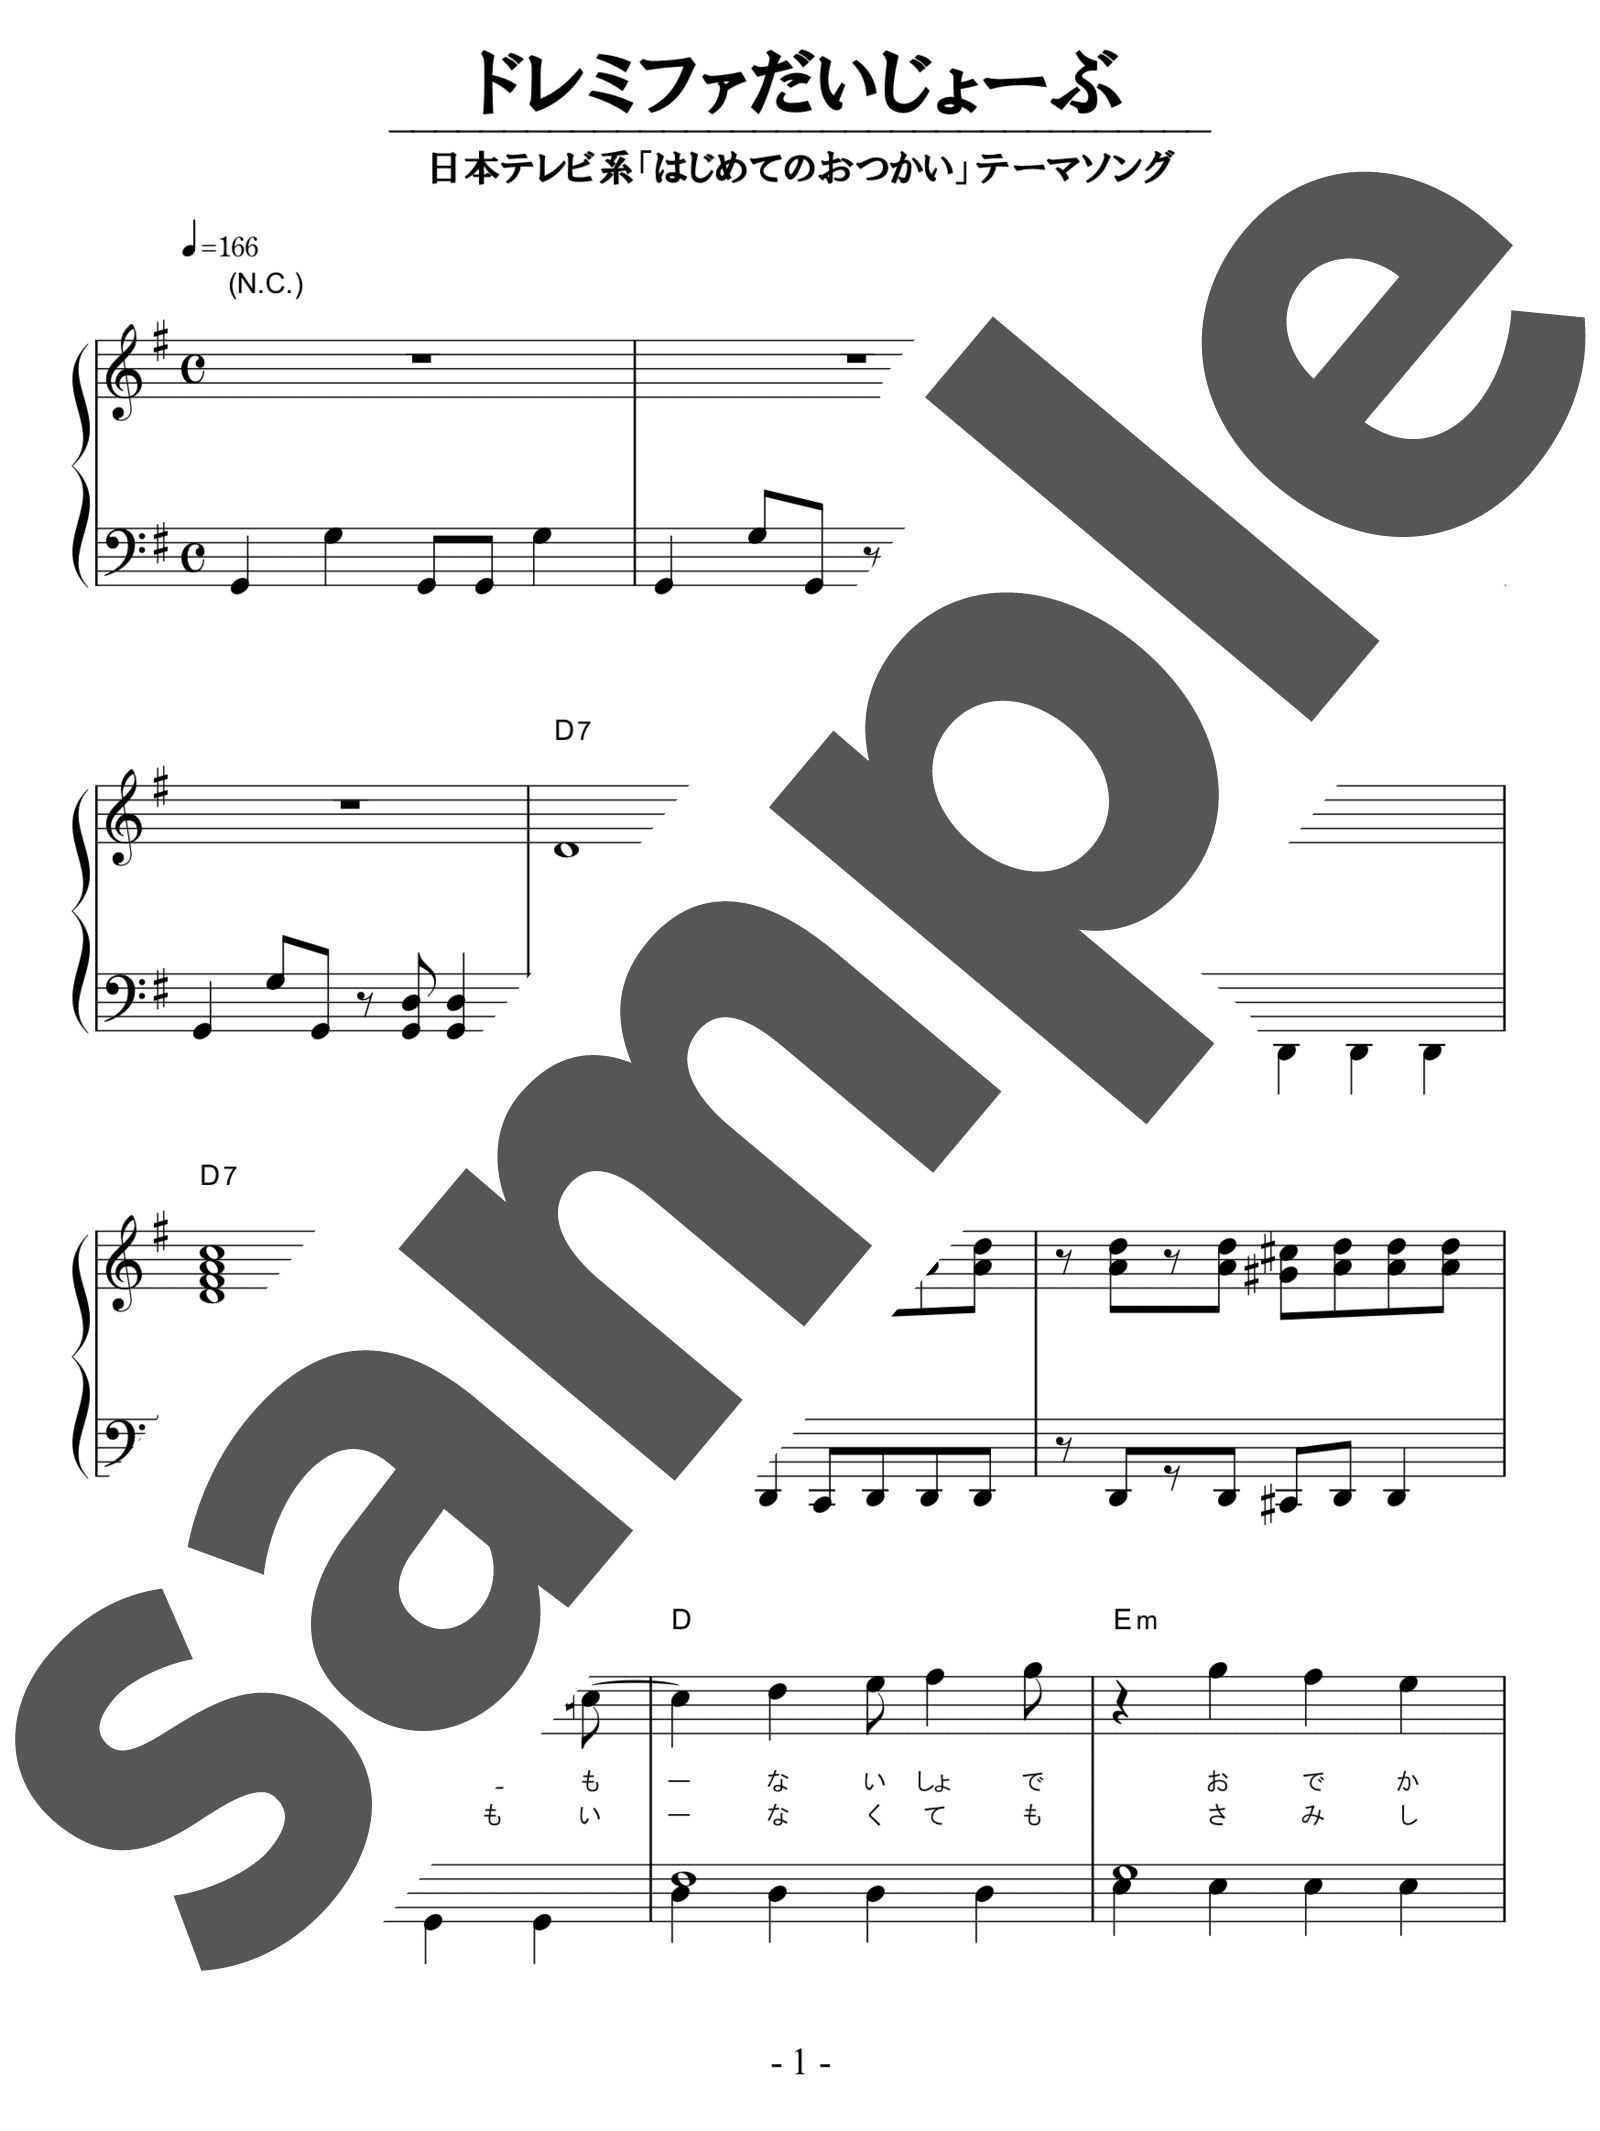 「ドレミファだいじょーぶ」のサンプル楽譜